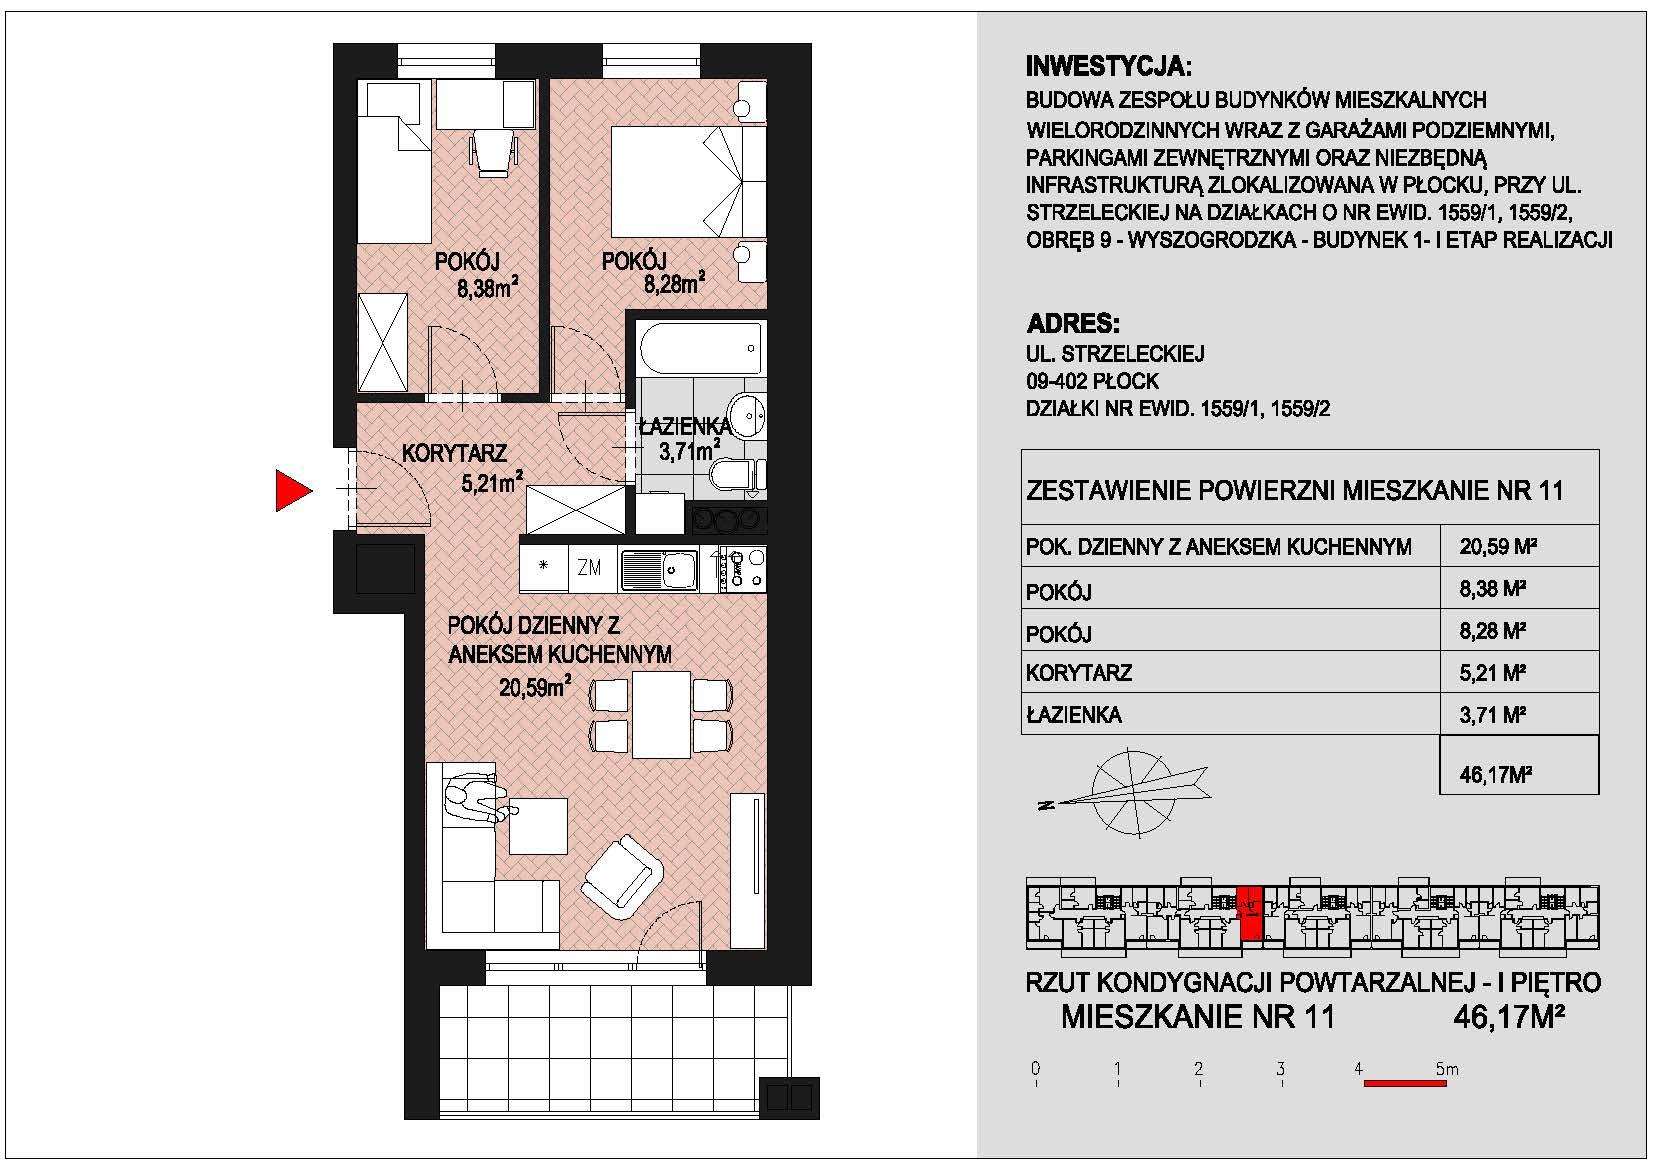 mieszkanie nr 11 PIK Płock